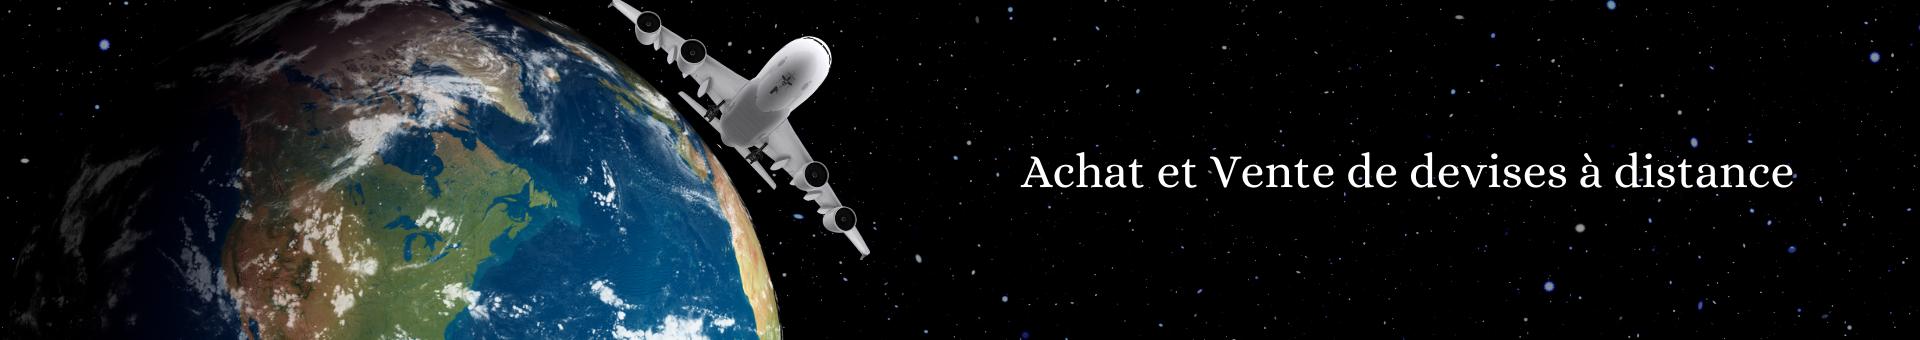 Vendre ses devises au bureau de change Or & Change